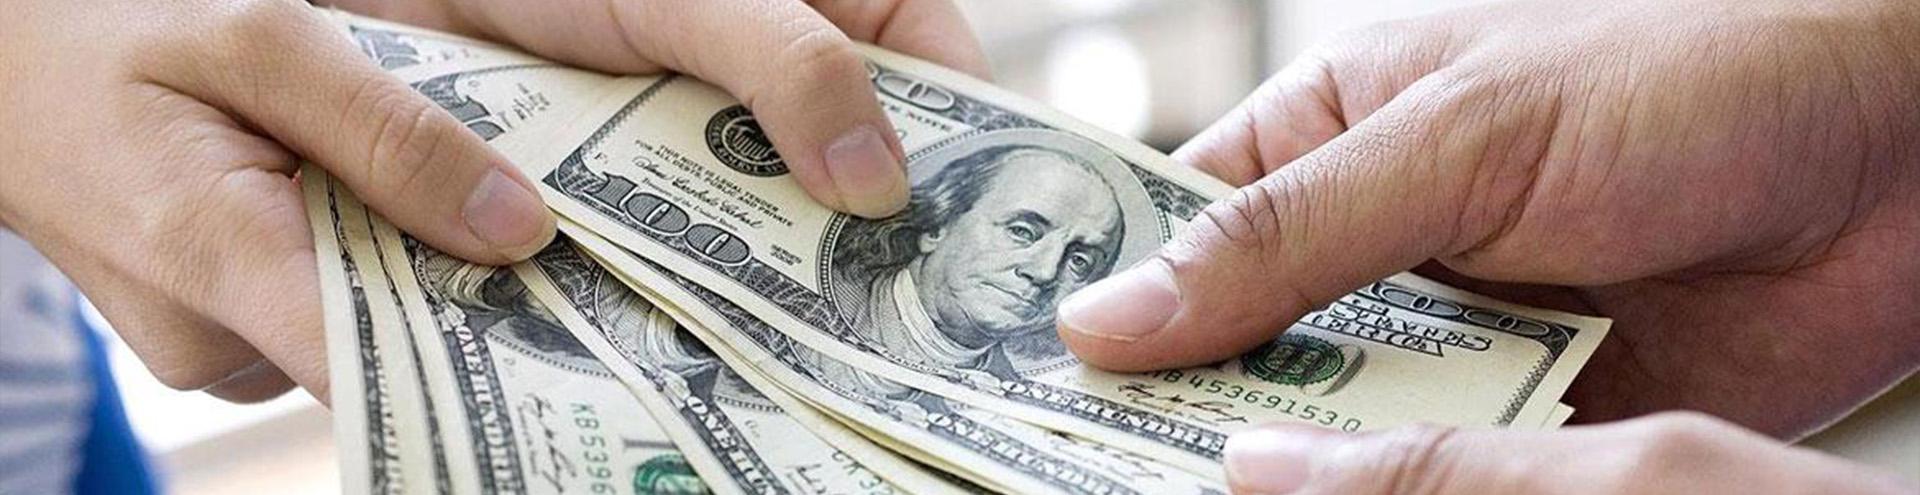 взыскание долга по расписке в Оренбурге и Оренбургской области